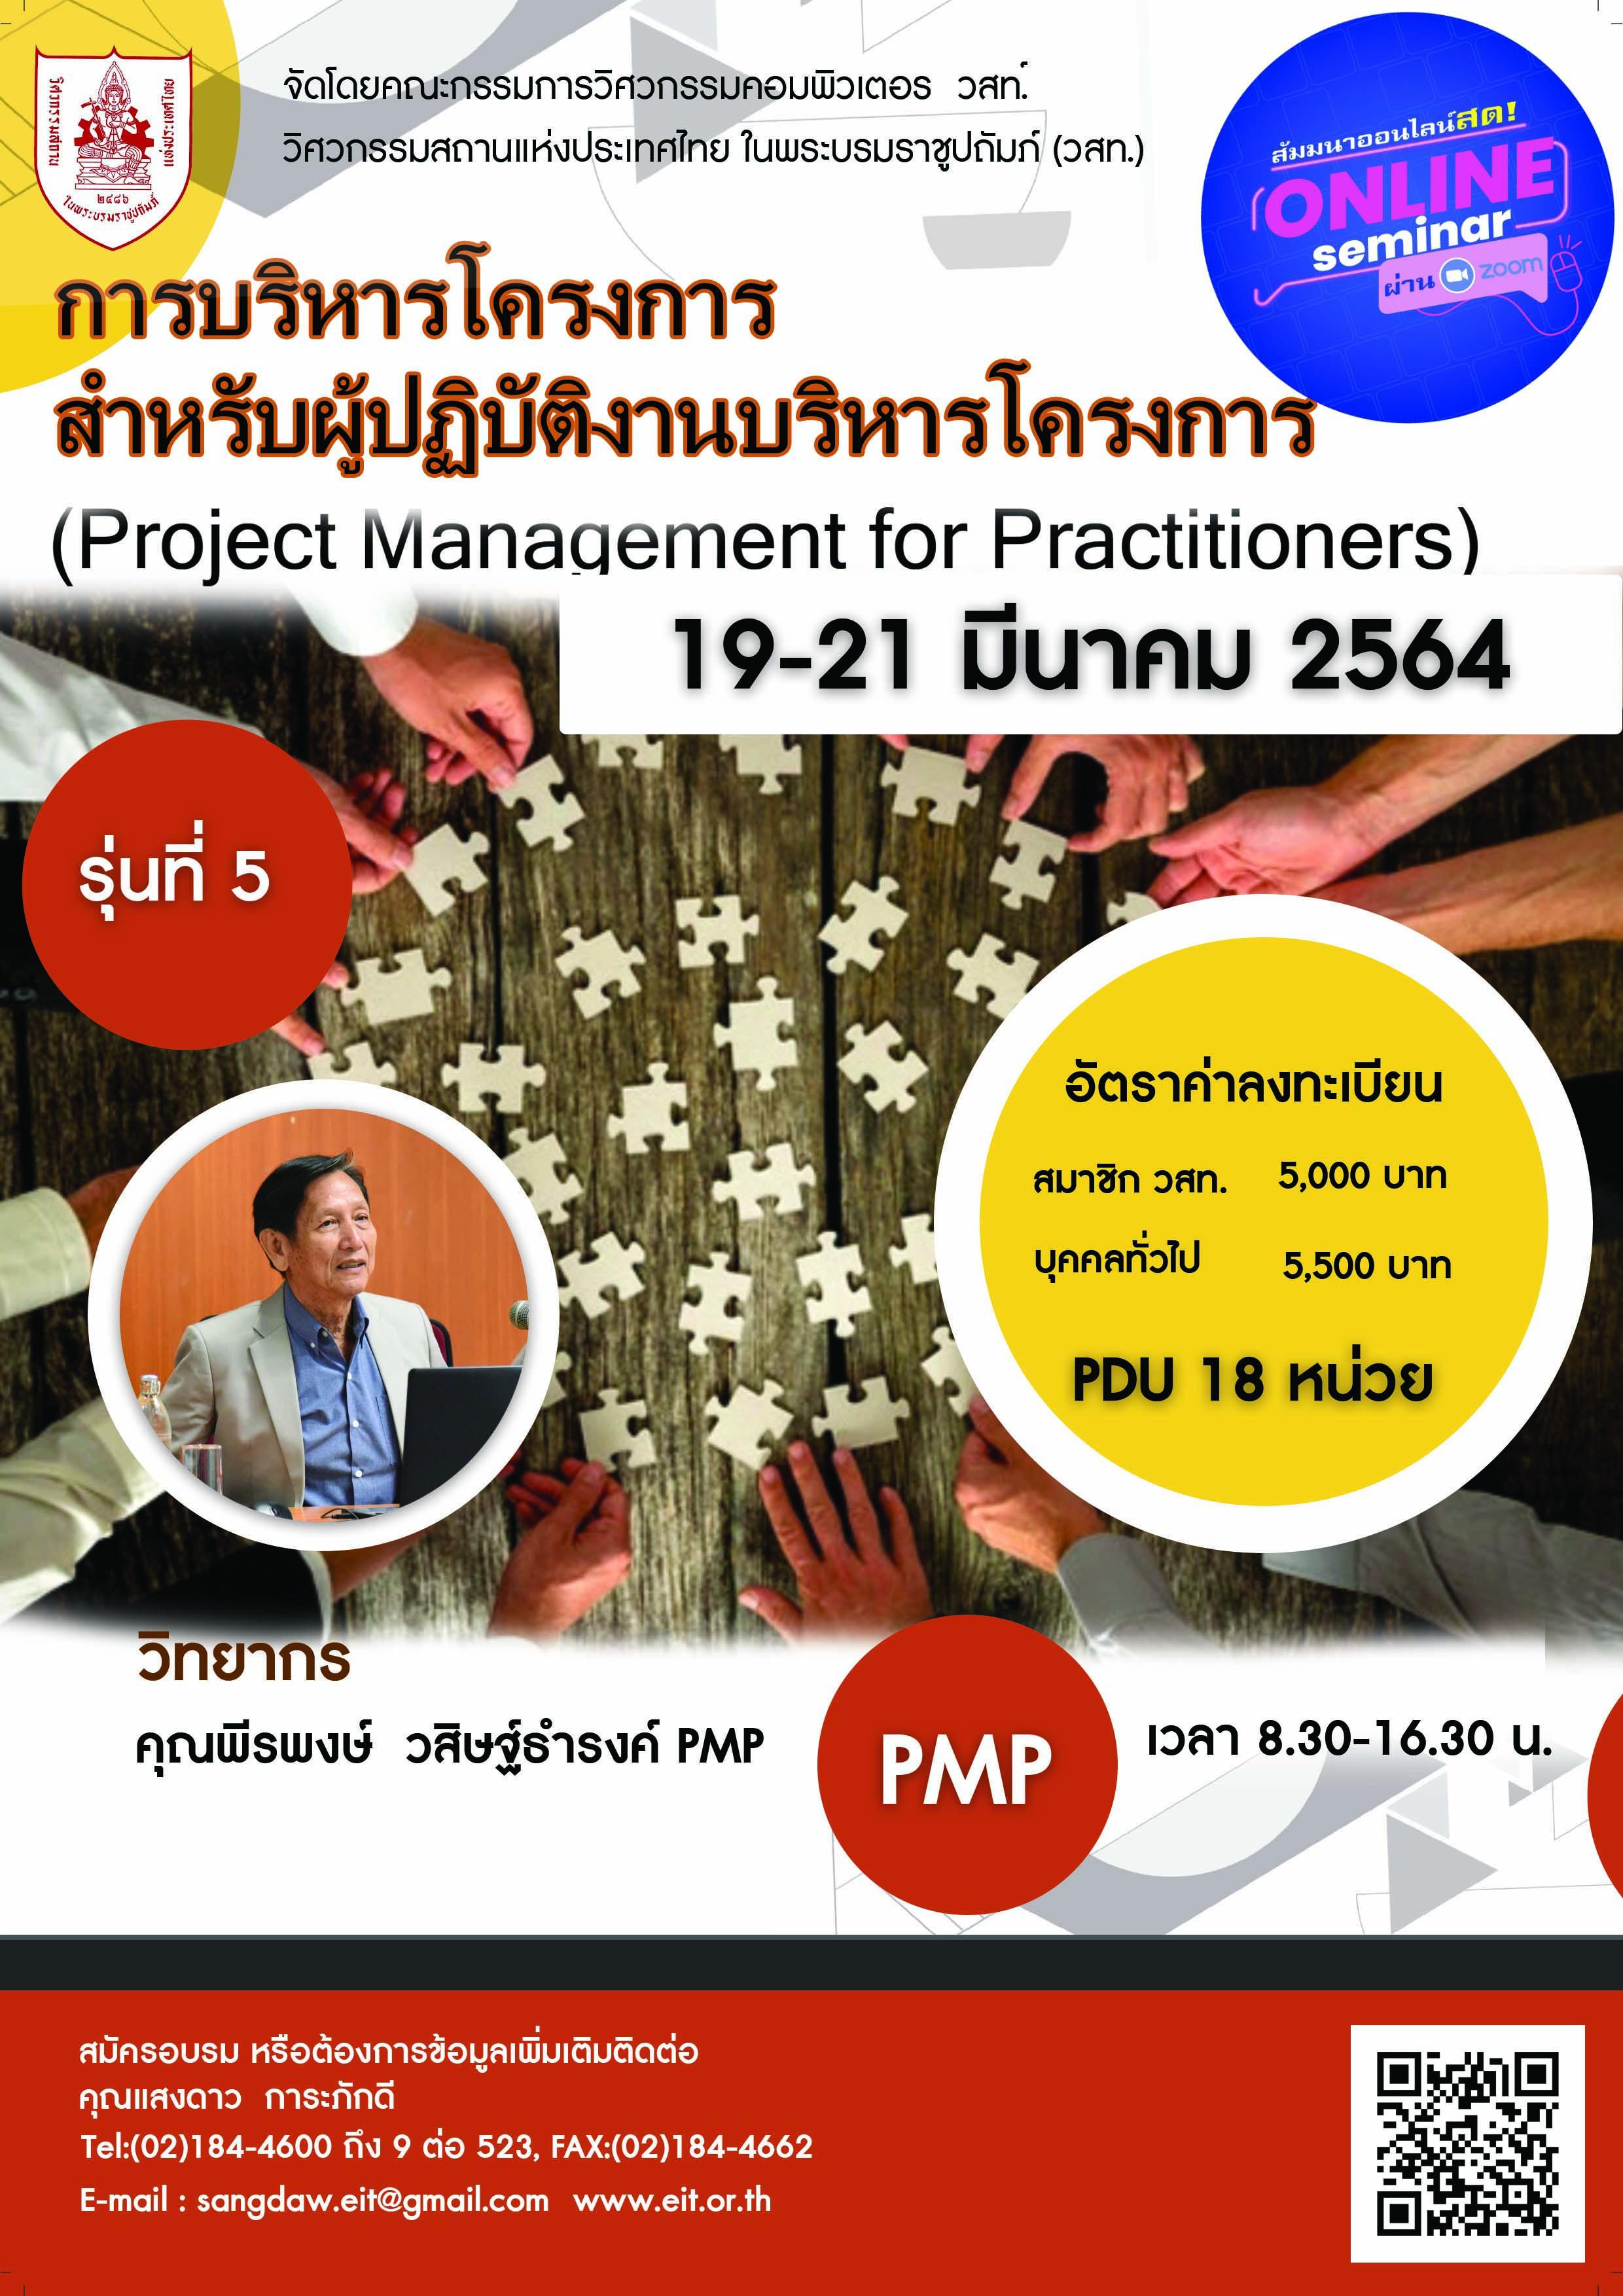 19-21 /03/2564การบริหารโครงการสำหรับผู้ปฏิบัติงานบริหารโครงการ  (Project Management for Practitioners) รุ่นที่ 5 (อบรมผ่านโปรแกรม Zoom)